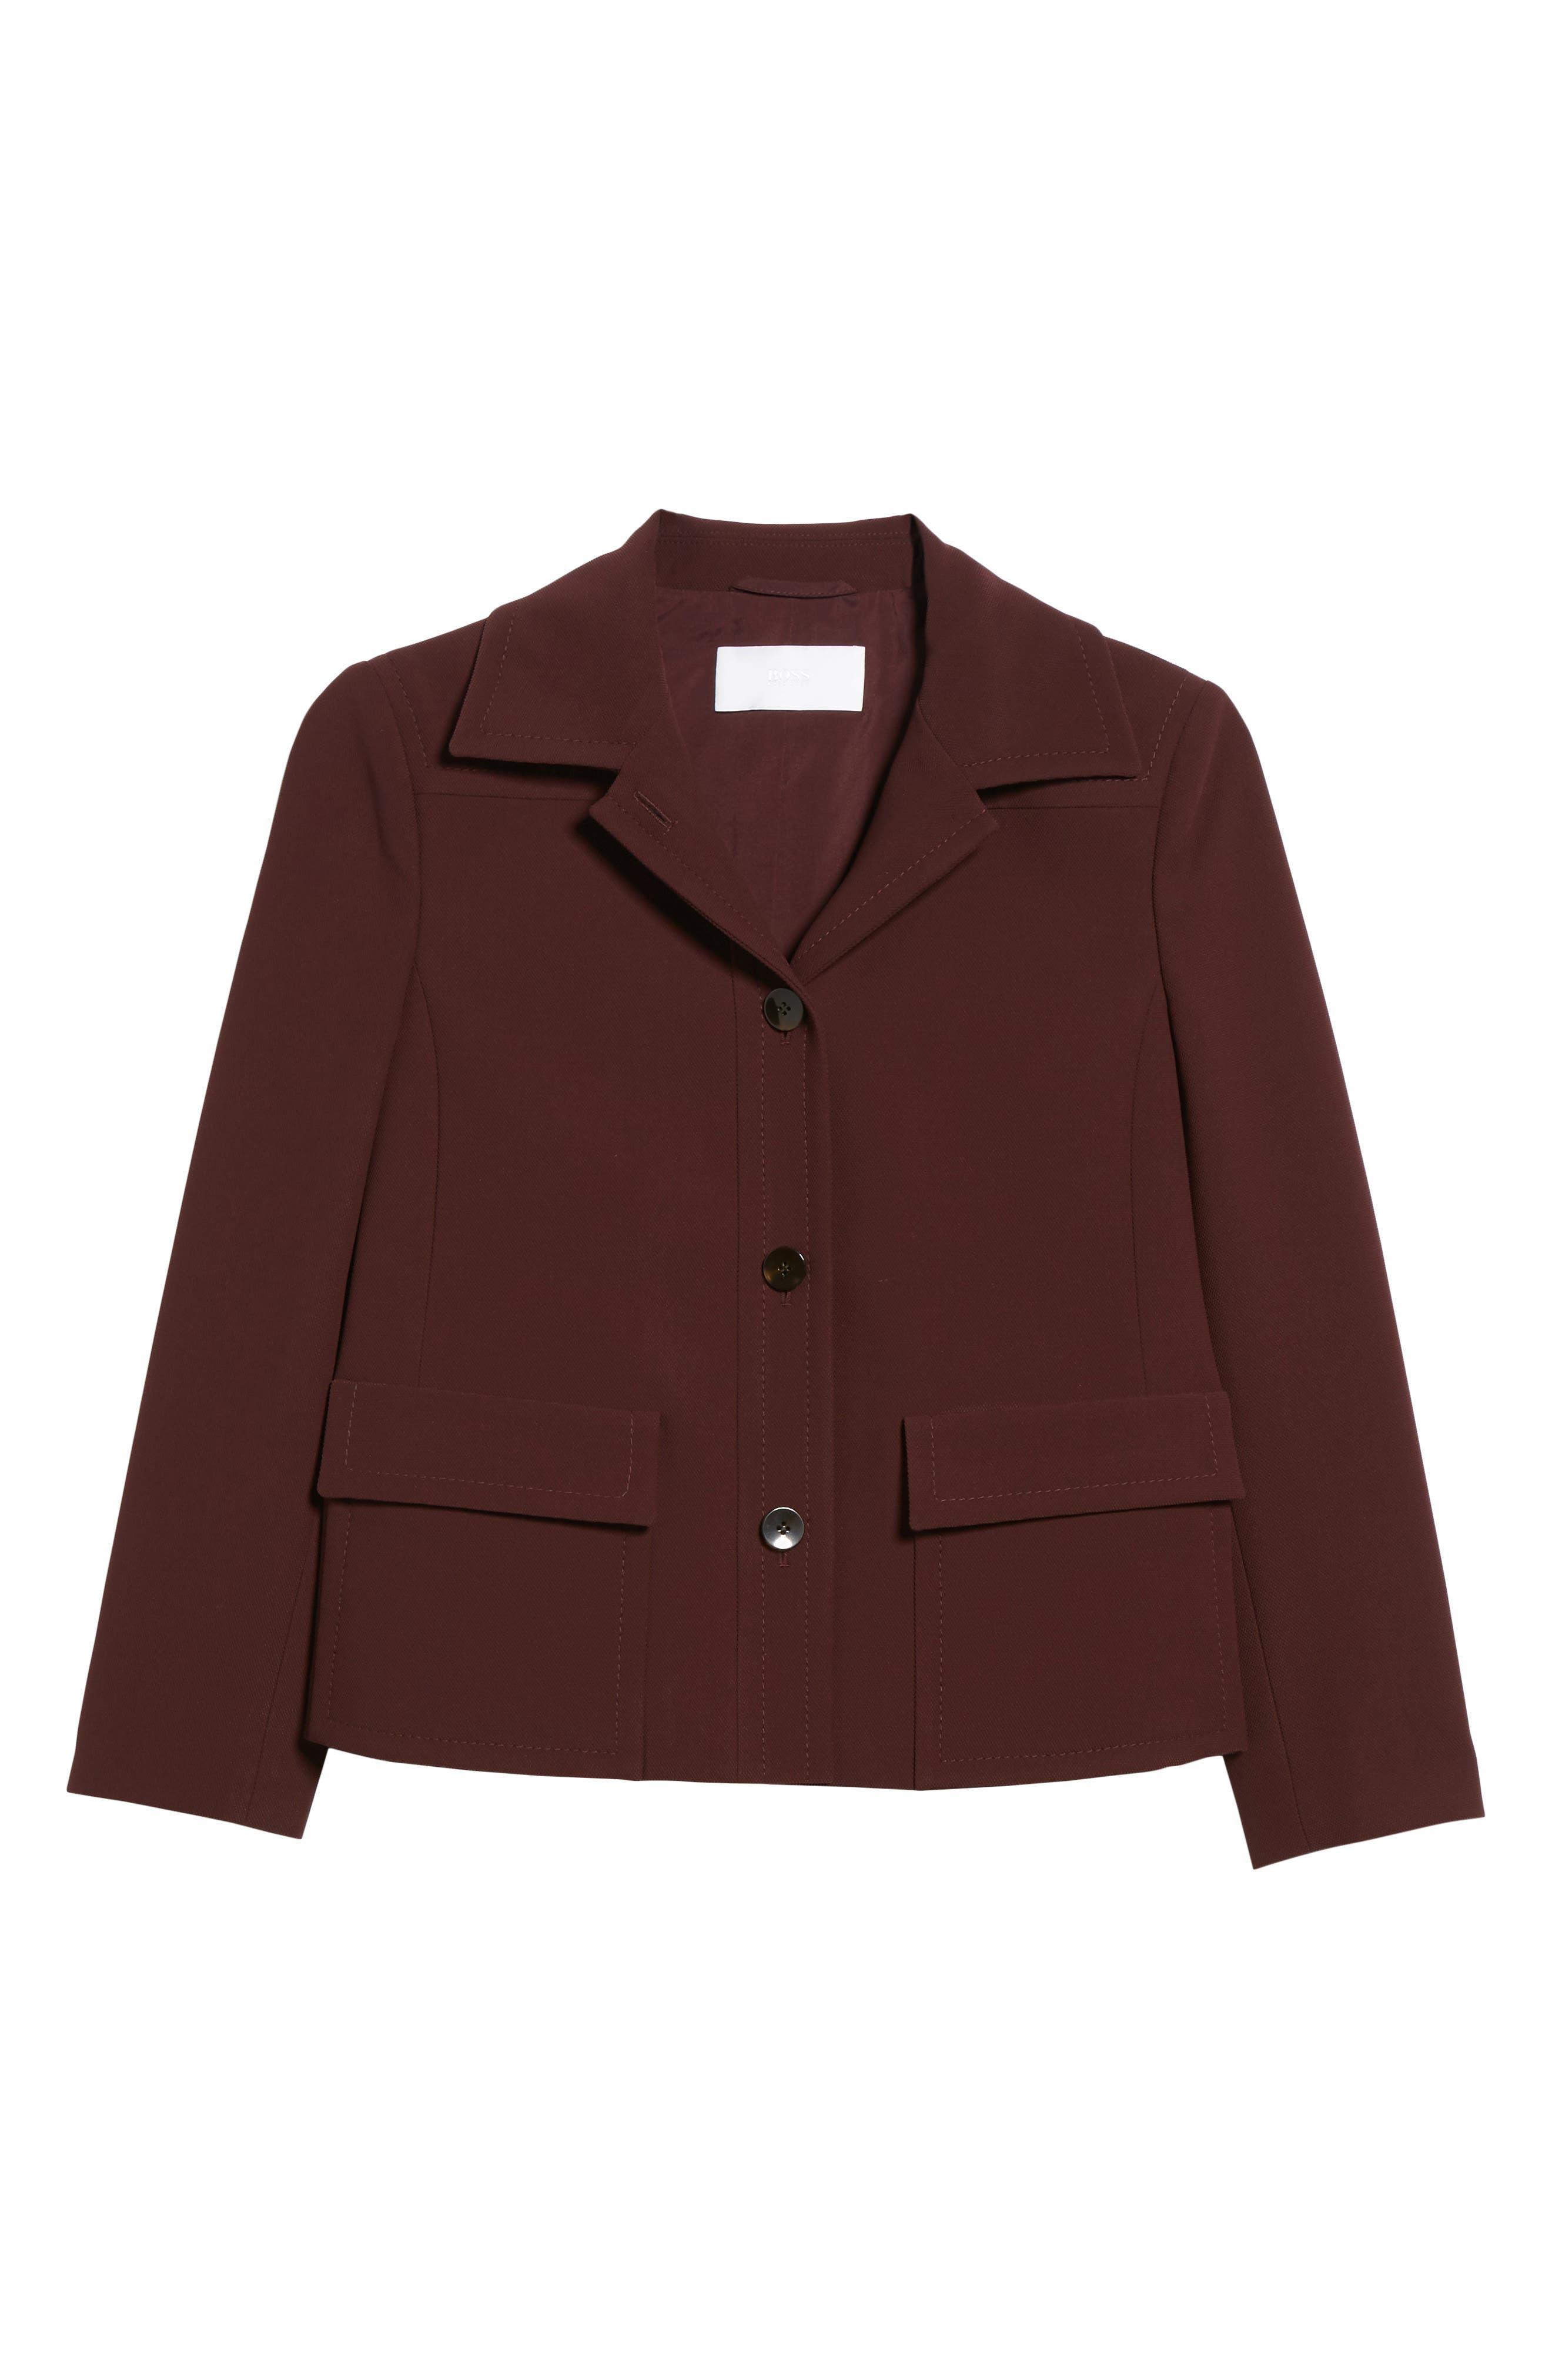 Juriona Suit Jacket,                             Alternate thumbnail 5, color,